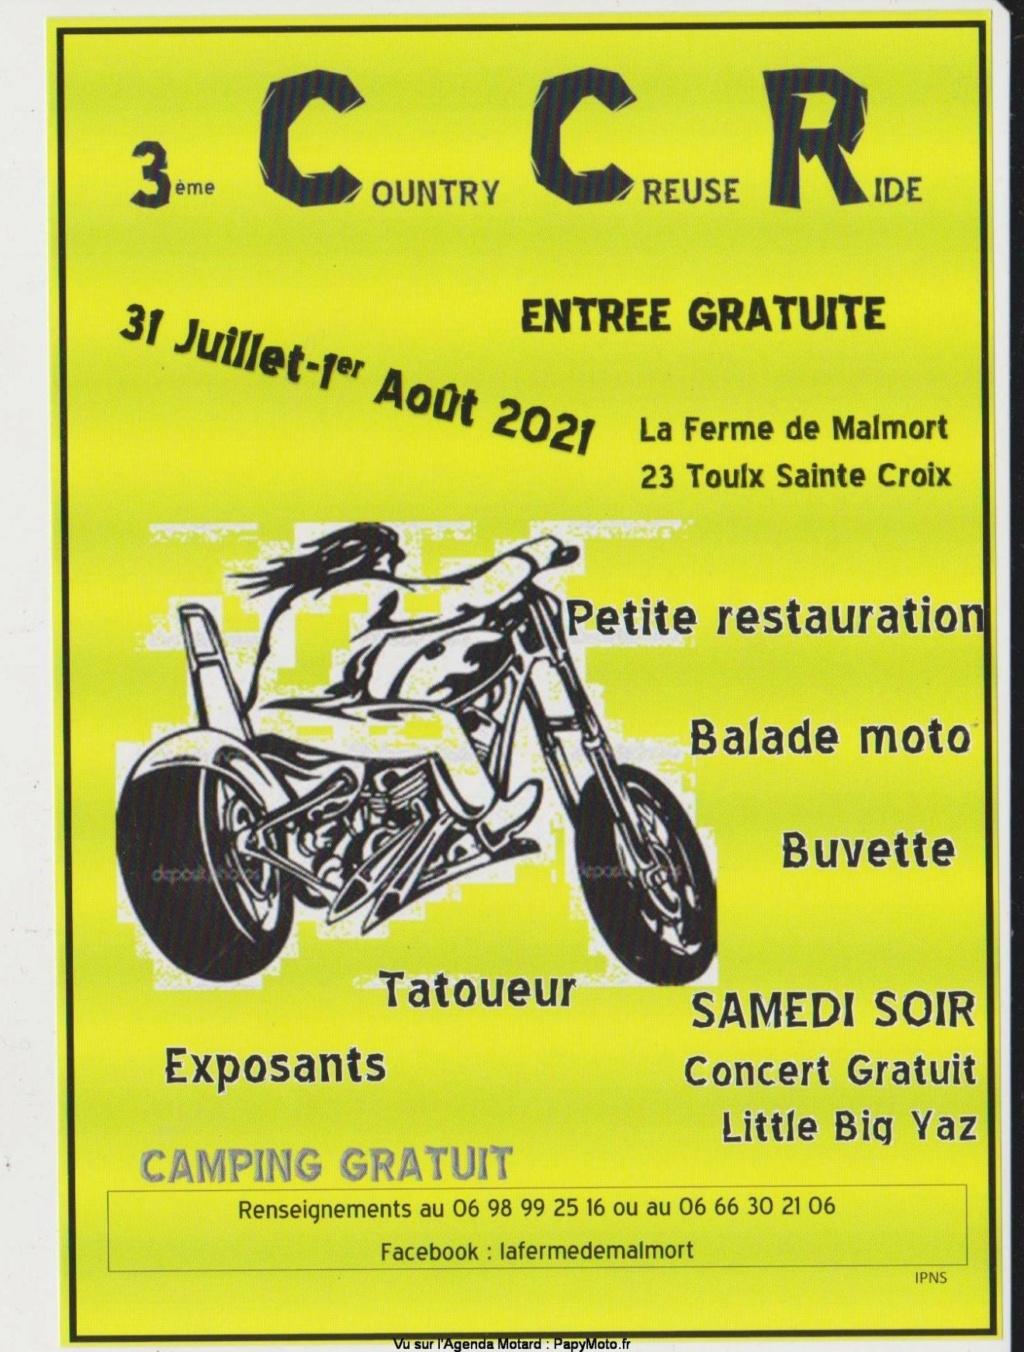 MANIFESTATION - 3éme Country Creuse Ride - 31 Juillet & 1er Aout 2021 - Toulx Saint Croix (23) 3e-cou10